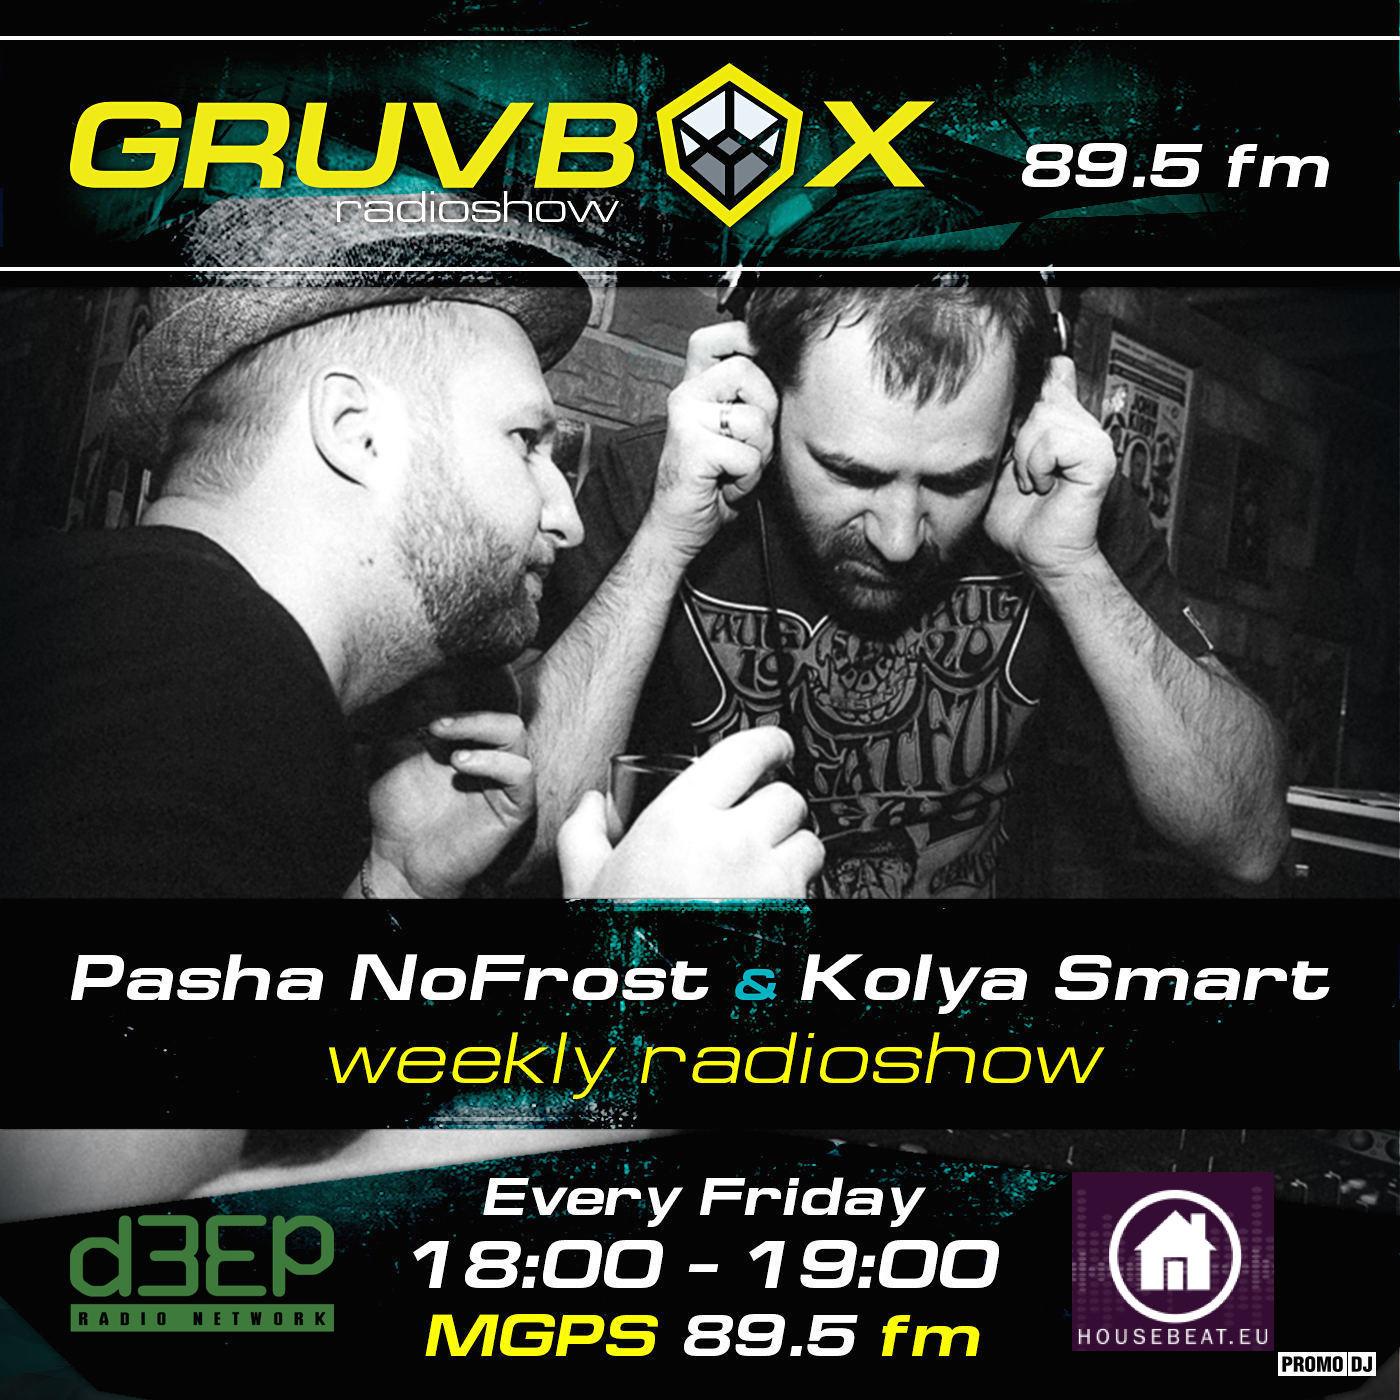 Pasha NoFrost & Kolya Smart